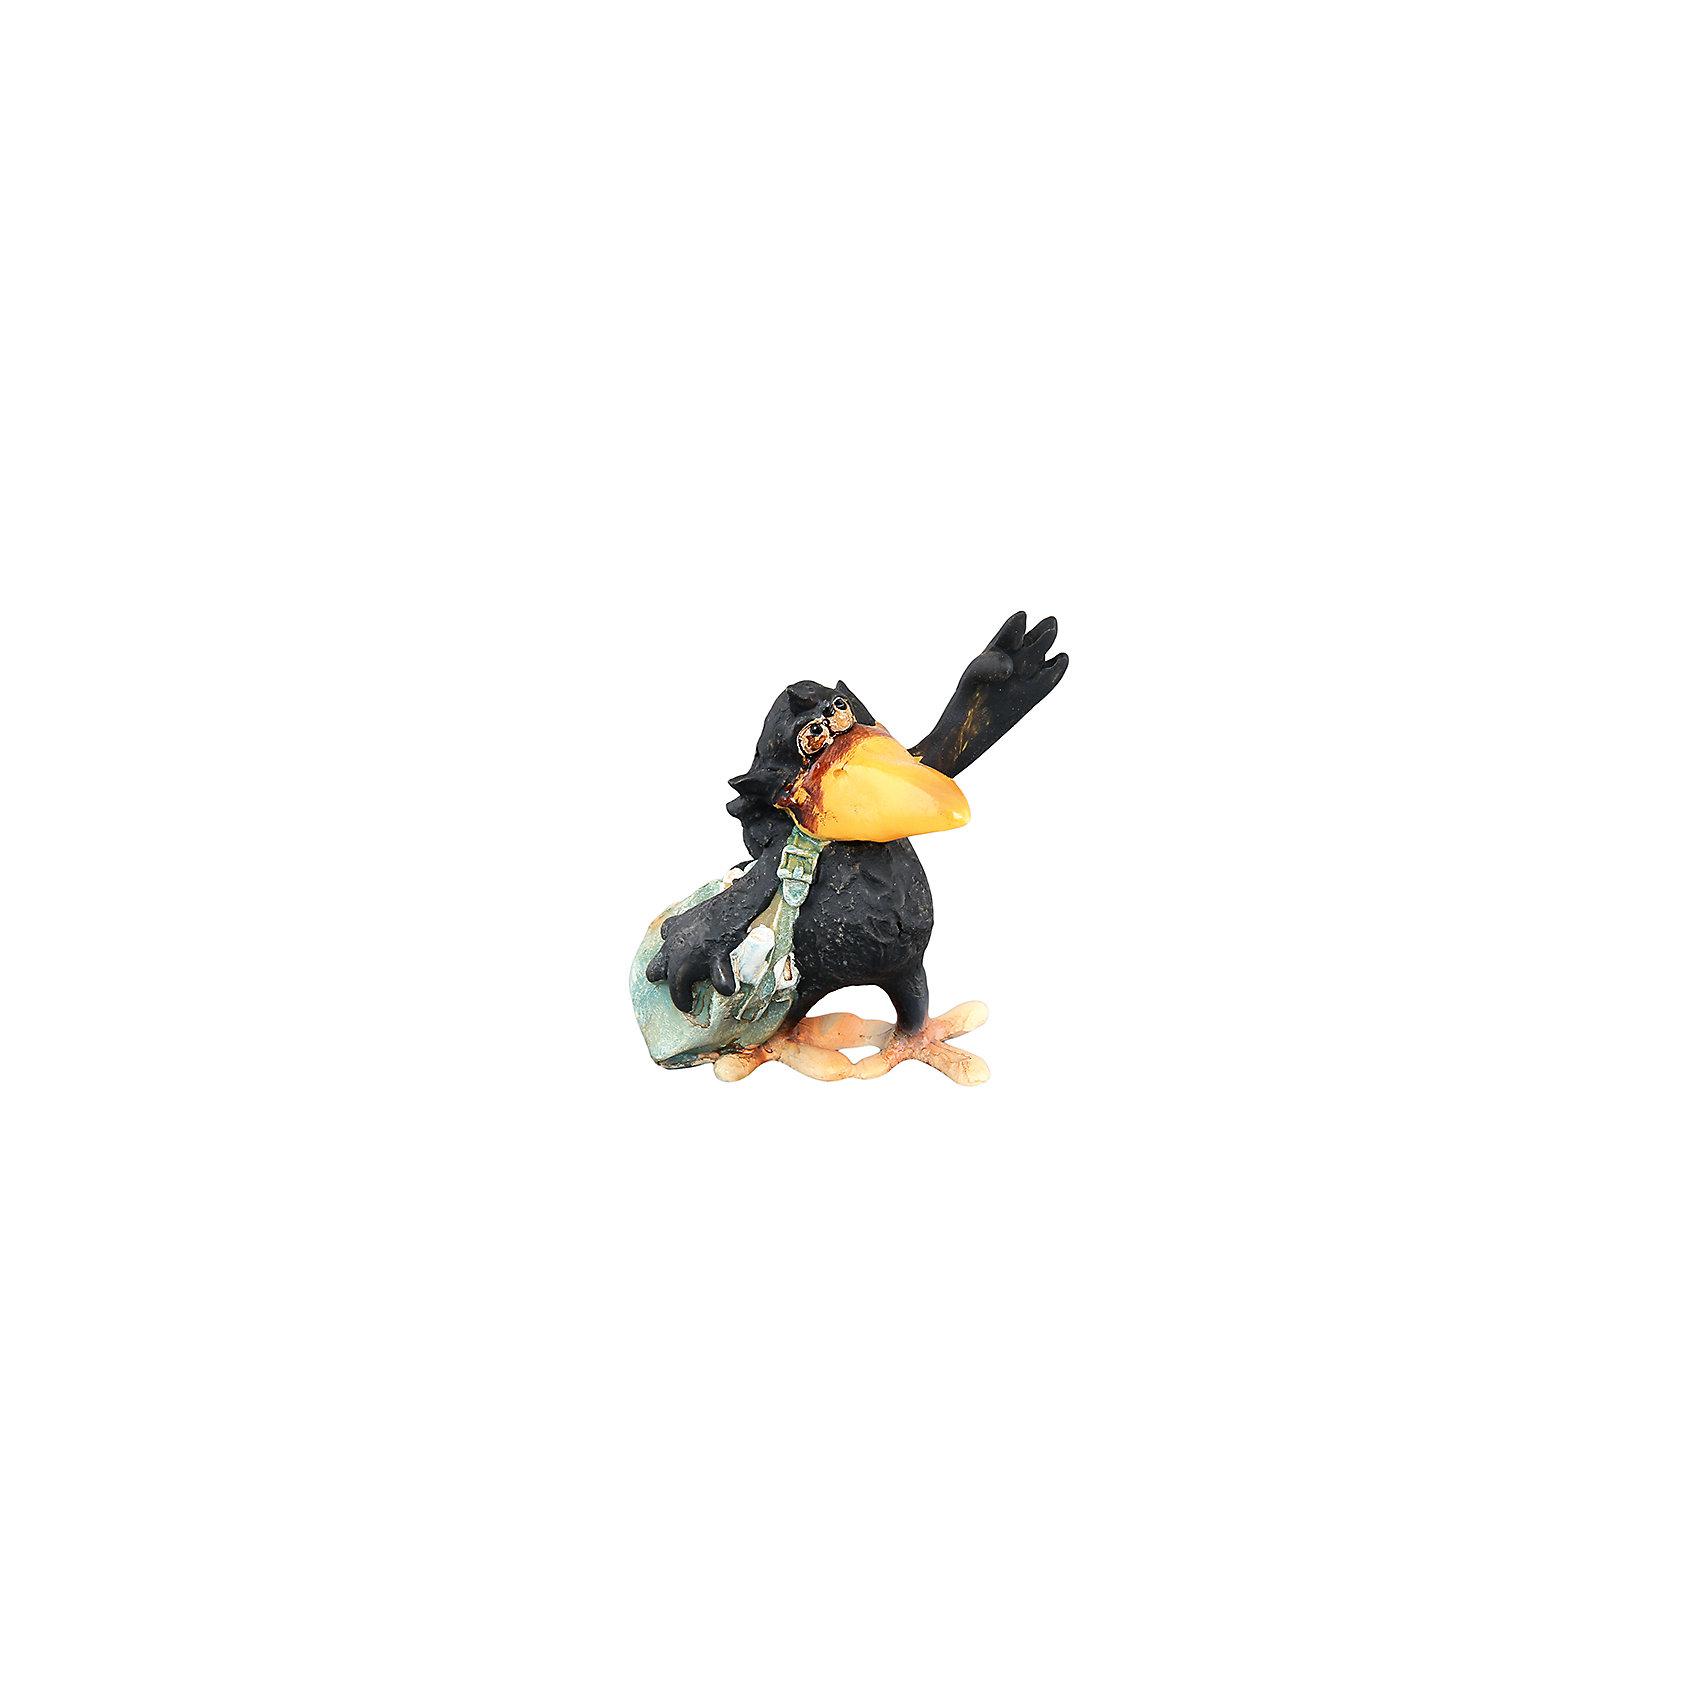 Фигурка декоративная Каркуша - почтальон, Elan GalleryПредметы интерьера<br>Фигурка декоративная  Elan Gallery 7*5,5*7 см. Каркуша - почтальон, Elan Gallery Декоративные фигурки - это отличный способ разнообразить внутреннее убранство дома, частичка вашей индивидуальности в облике жилища!<br><br>Ширина мм: 78<br>Глубина мм: 63<br>Высота мм: 78<br>Вес г: 188<br>Возраст от месяцев: 0<br>Возраст до месяцев: 1188<br>Пол: Унисекс<br>Возраст: Детский<br>SKU: 6668967